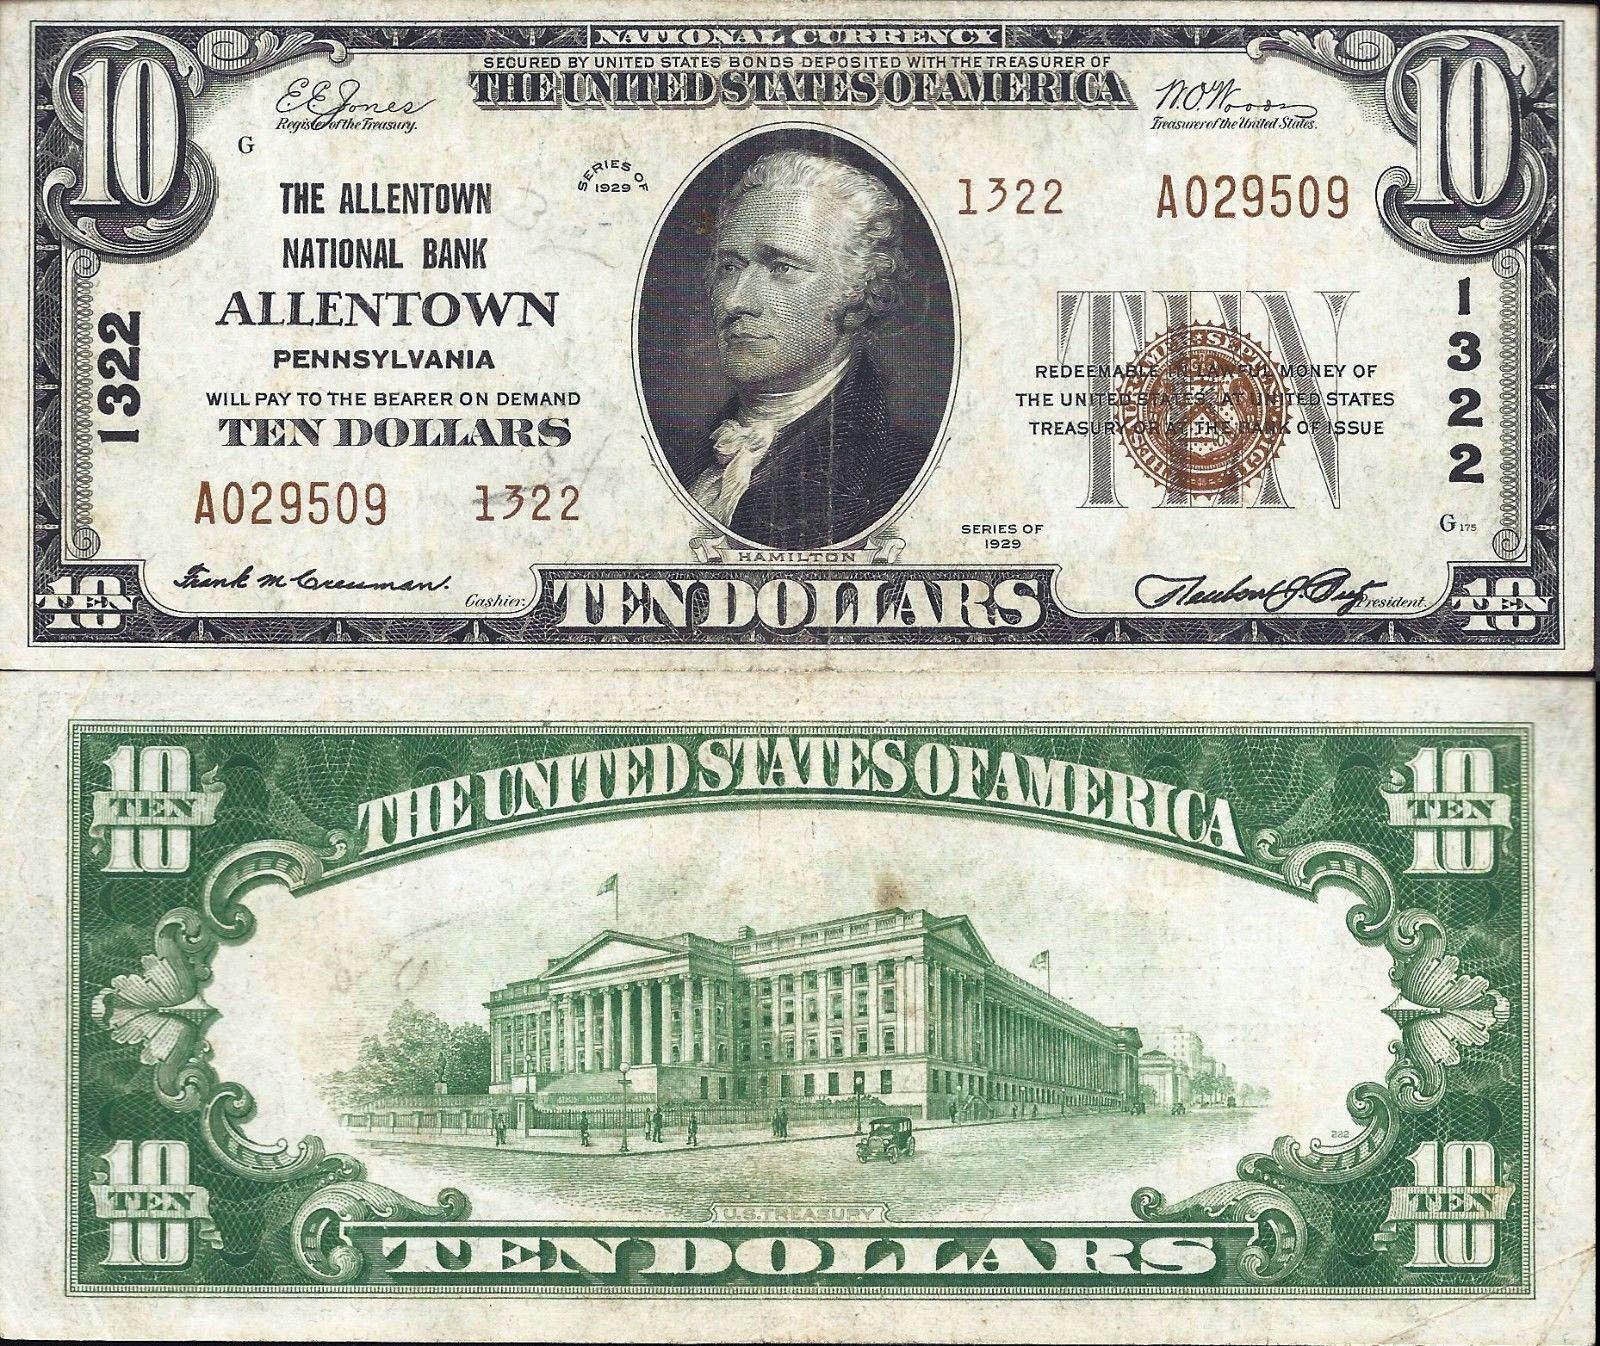 jpg Commons Bill Allentown - 1929 Dollar National Wikimedia Pa Ten Bank File